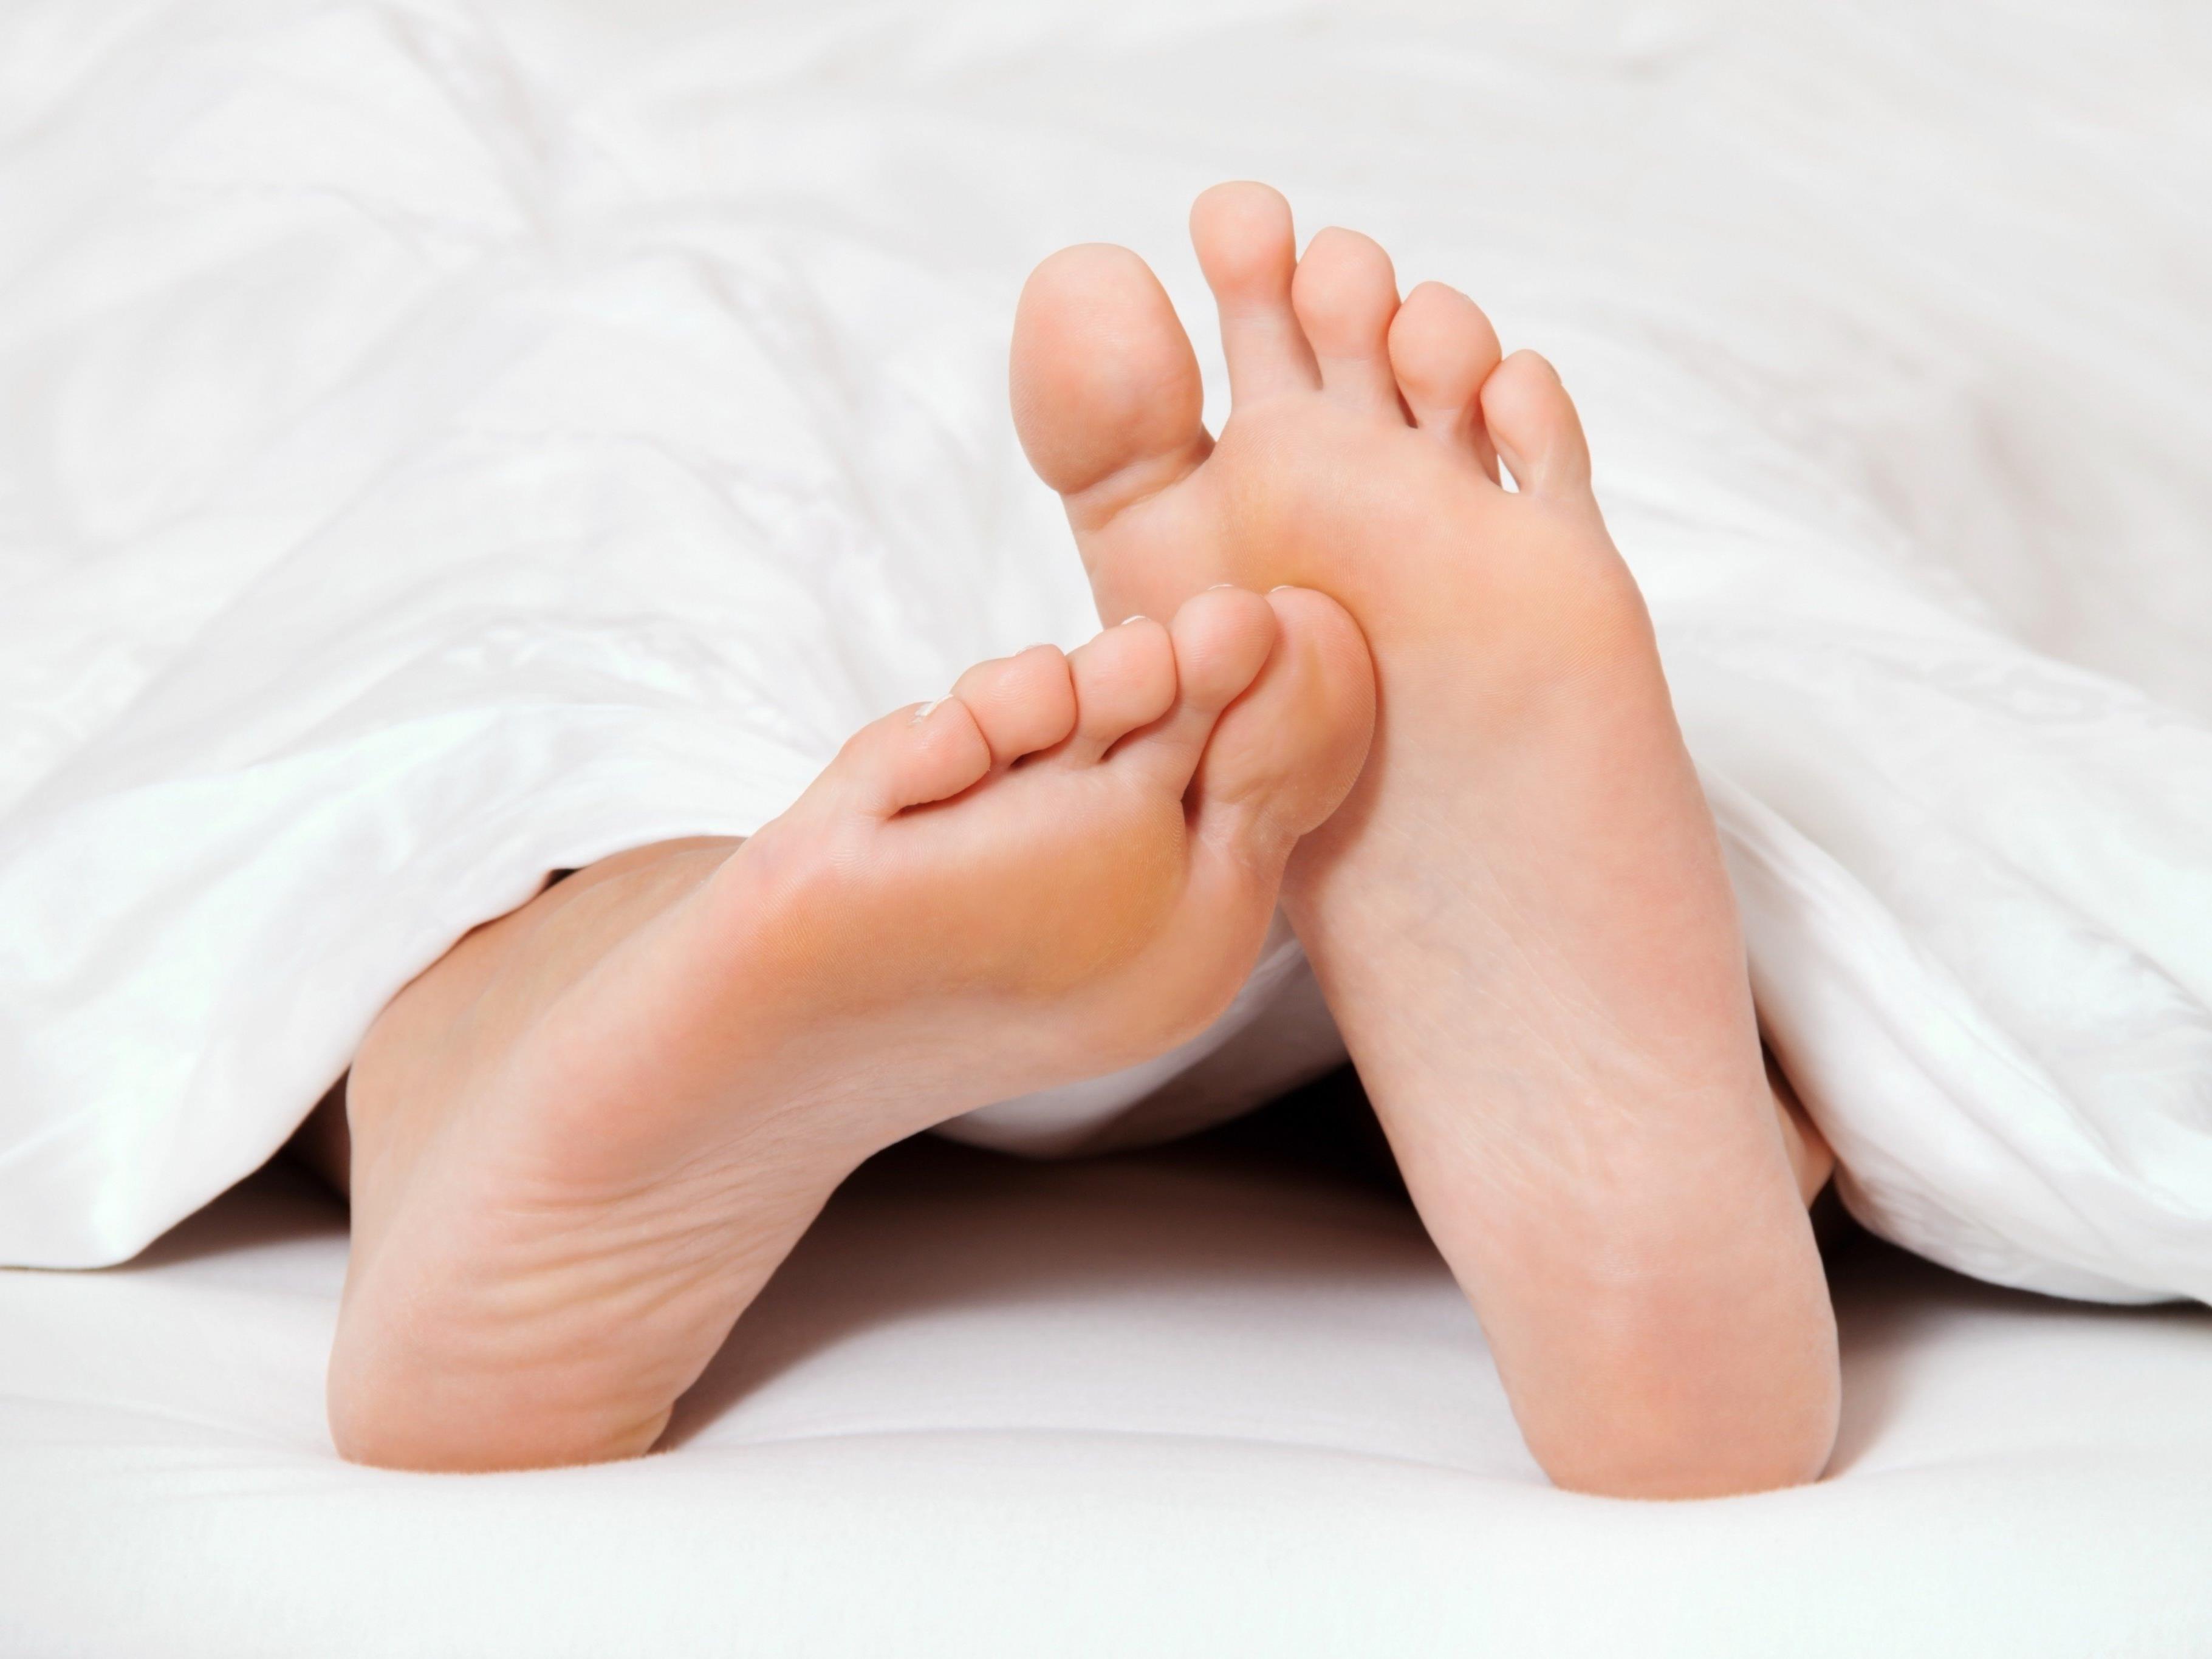 Socken und Spielkonsolen sind ein absolutes No-Go im Bett.